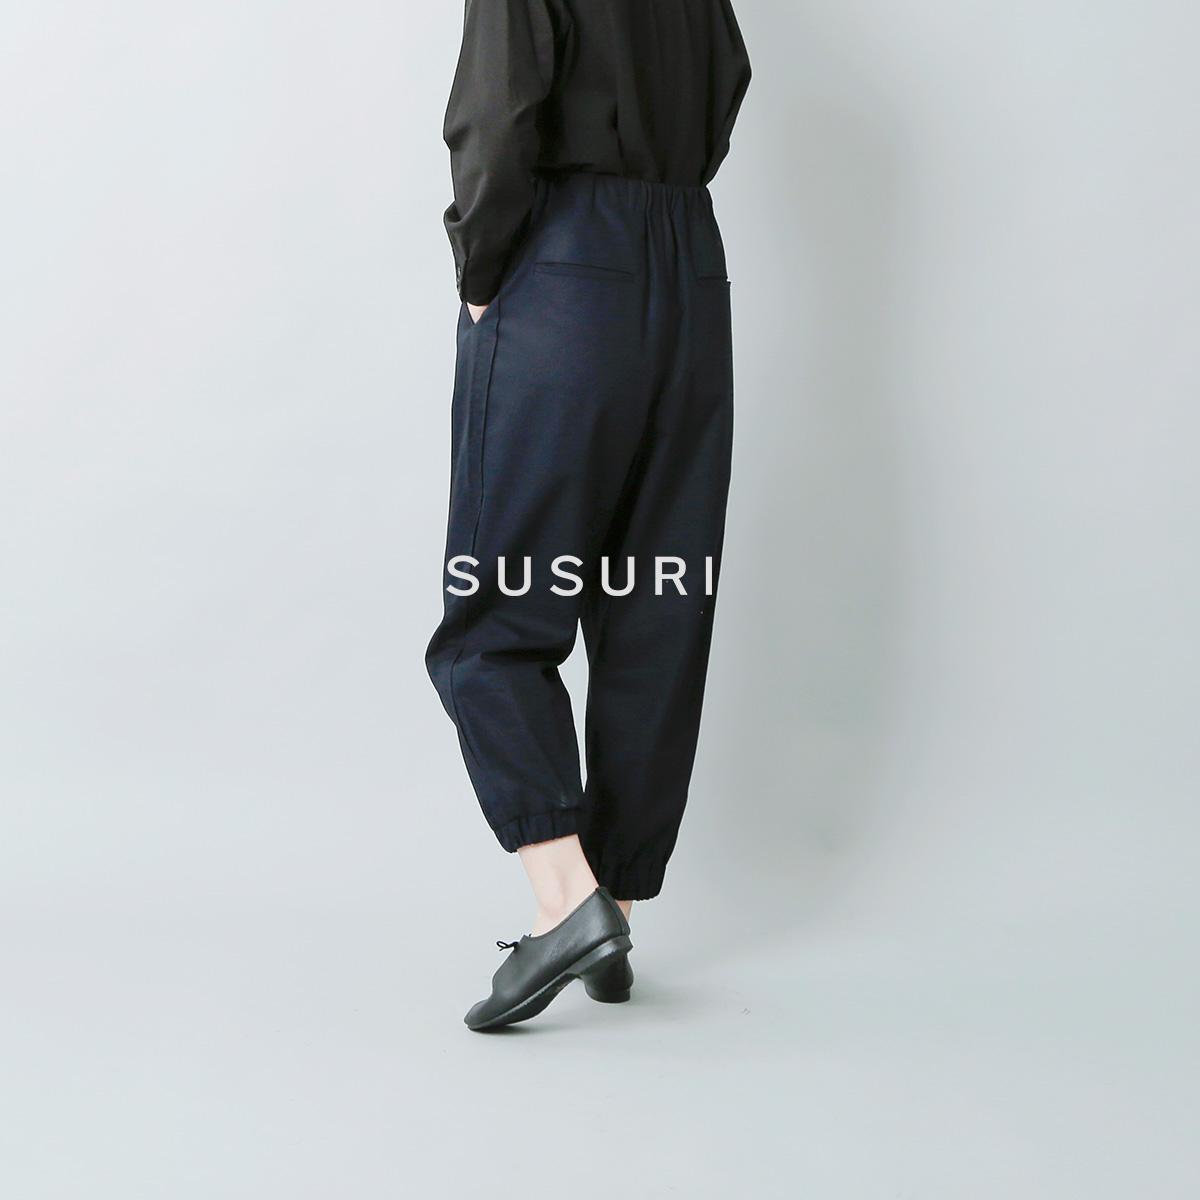 susuri(ススリ)コットンカンフーパンツ 20-502